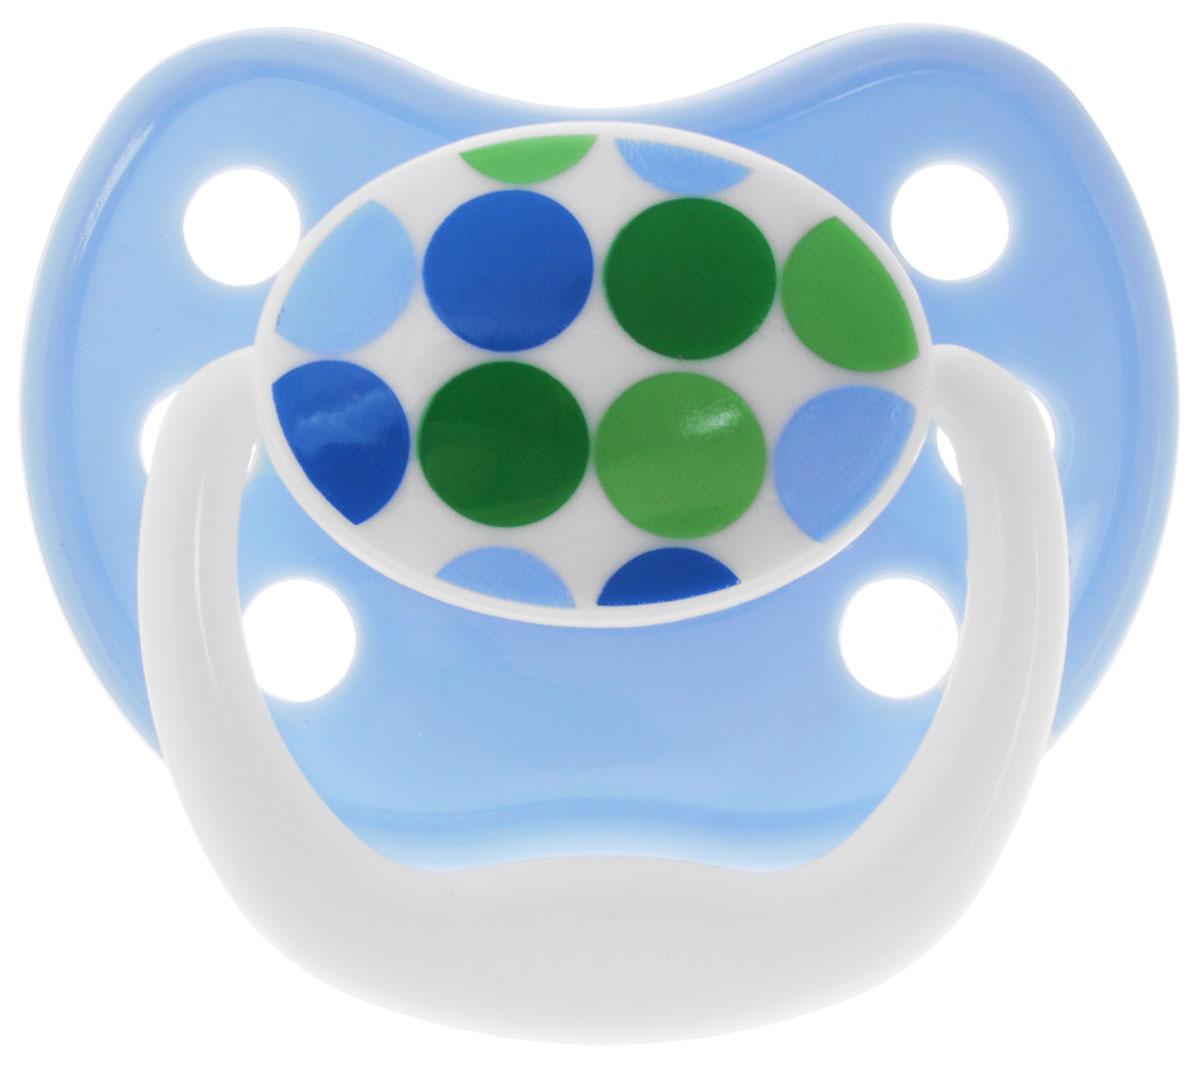 Dr.Browns Пустышка PreVent Классик Круги от 0 до 6 месяцевPV11405_голубой кругПустышка Dr.Browns PreVent Классик. Круги предназначена для новорожденных малышей от 0 до 6 месяцев. Пустышка удовлетворяет естественный сосательный рефлекс и тренирует мышцы губ, языка и челюсти, что играет важную роль в развитии речевых навыков и навыков приема пищи. Мягкая пустышка выполнена из прозрачного гигиеничного силикона, не имеющего вкуса и запаха. Имеет воздушный канал, который впускает воздух, благодаря чему пустышка остается мягкой и гибкой, что минимизирует риск неправильного расположения зубов. Снабжена вентиляционной системой. Пустышка с защелкивающимся колпачком. Не содержит Бисфенол-А.